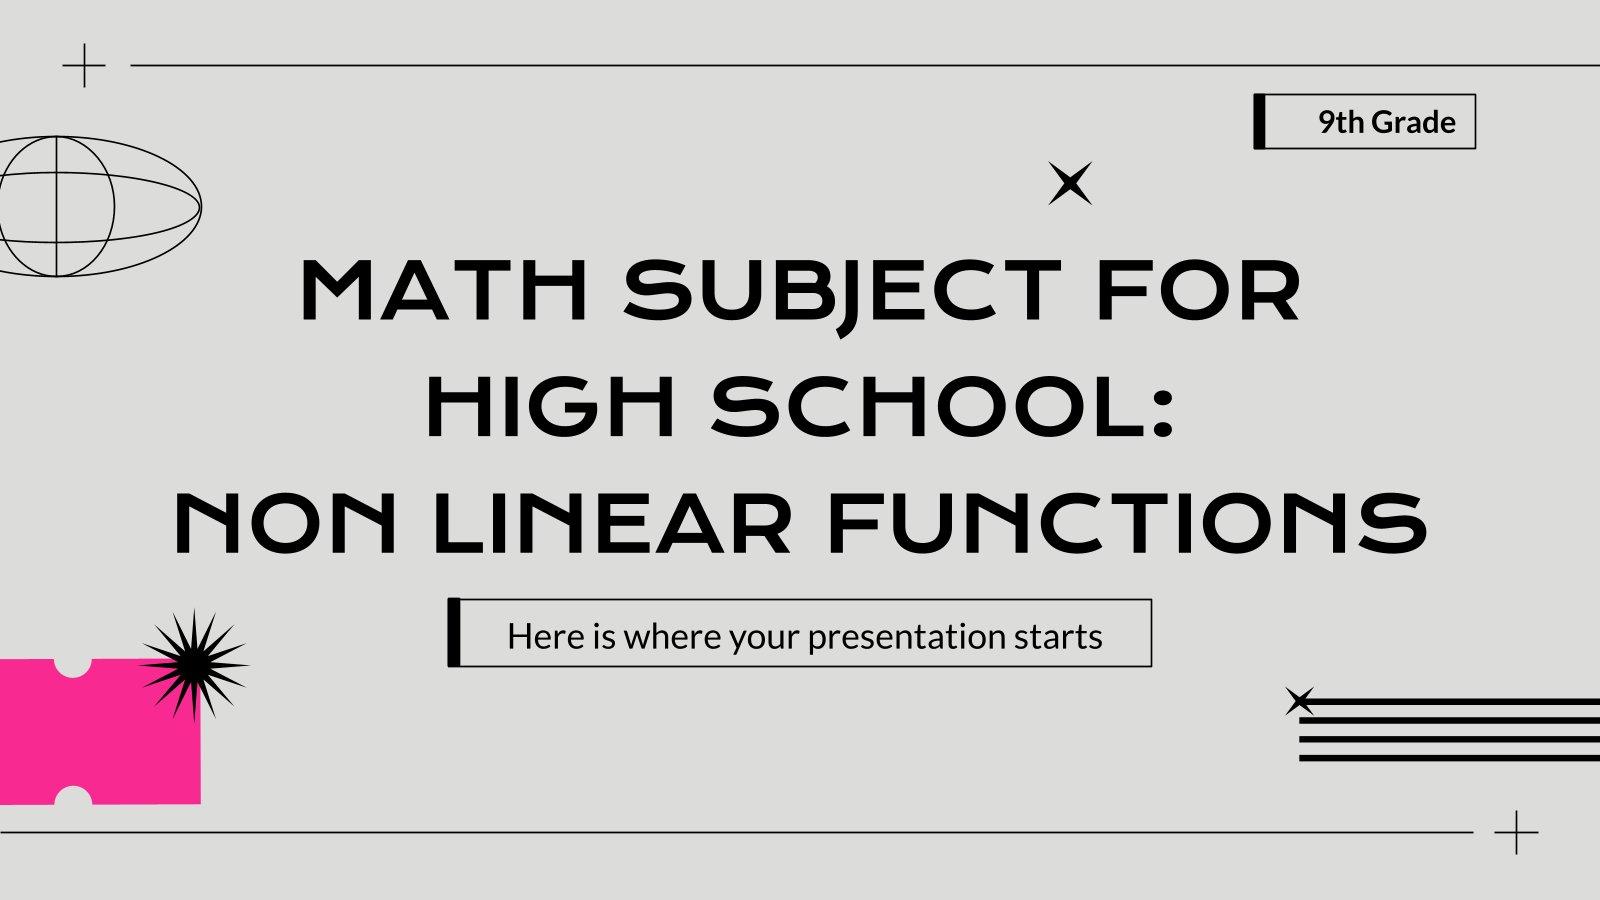 Mathematik für die 9. Klasse: Nichtlineare Funktionen Präsentationsvorlage